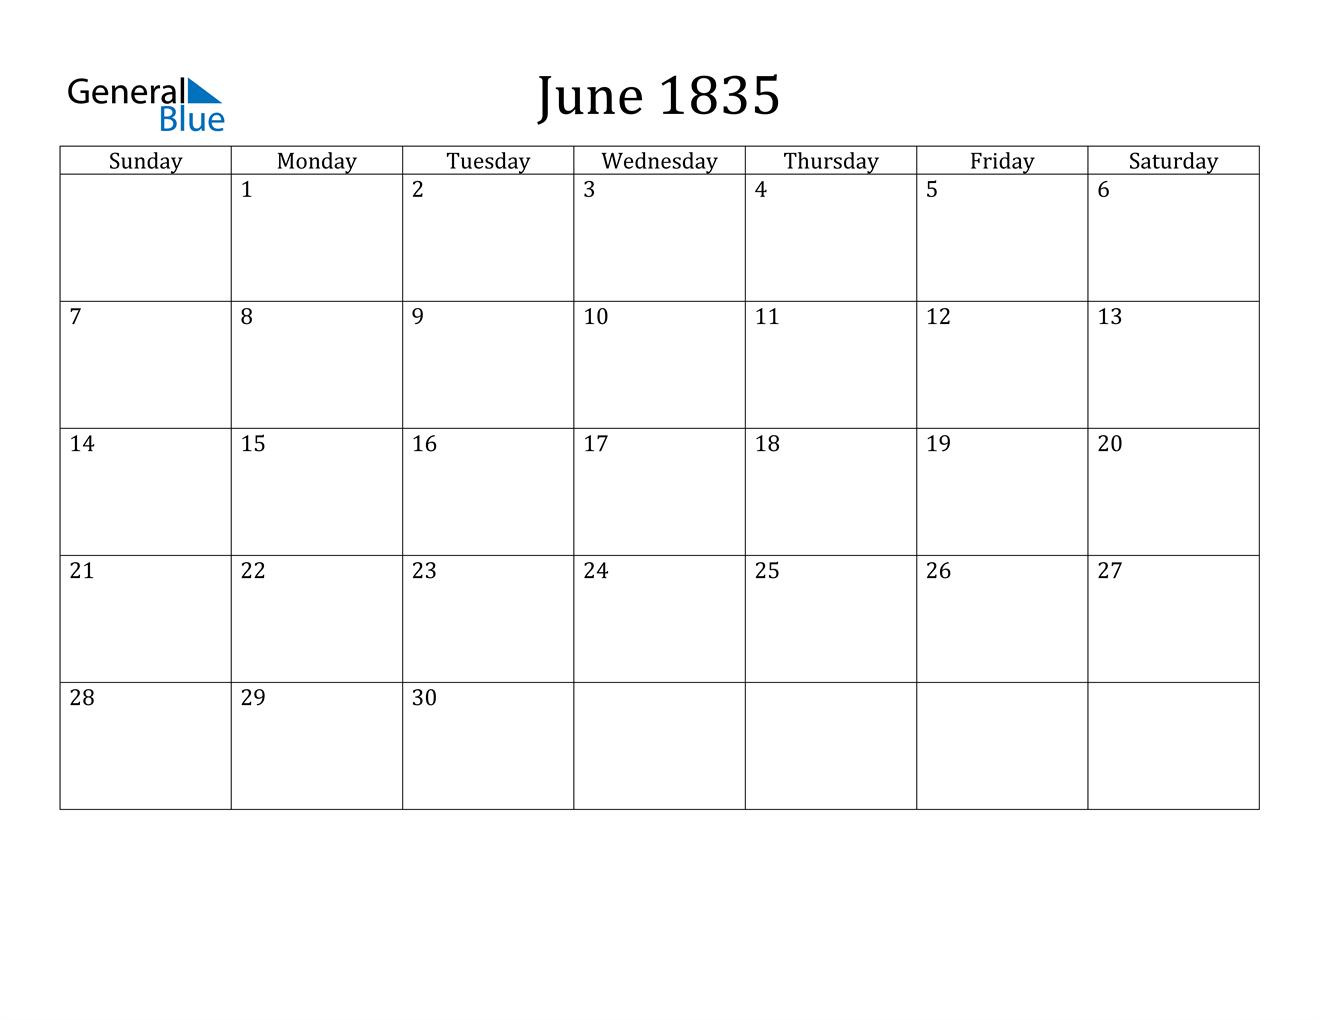 Image of June 1835 Calendar